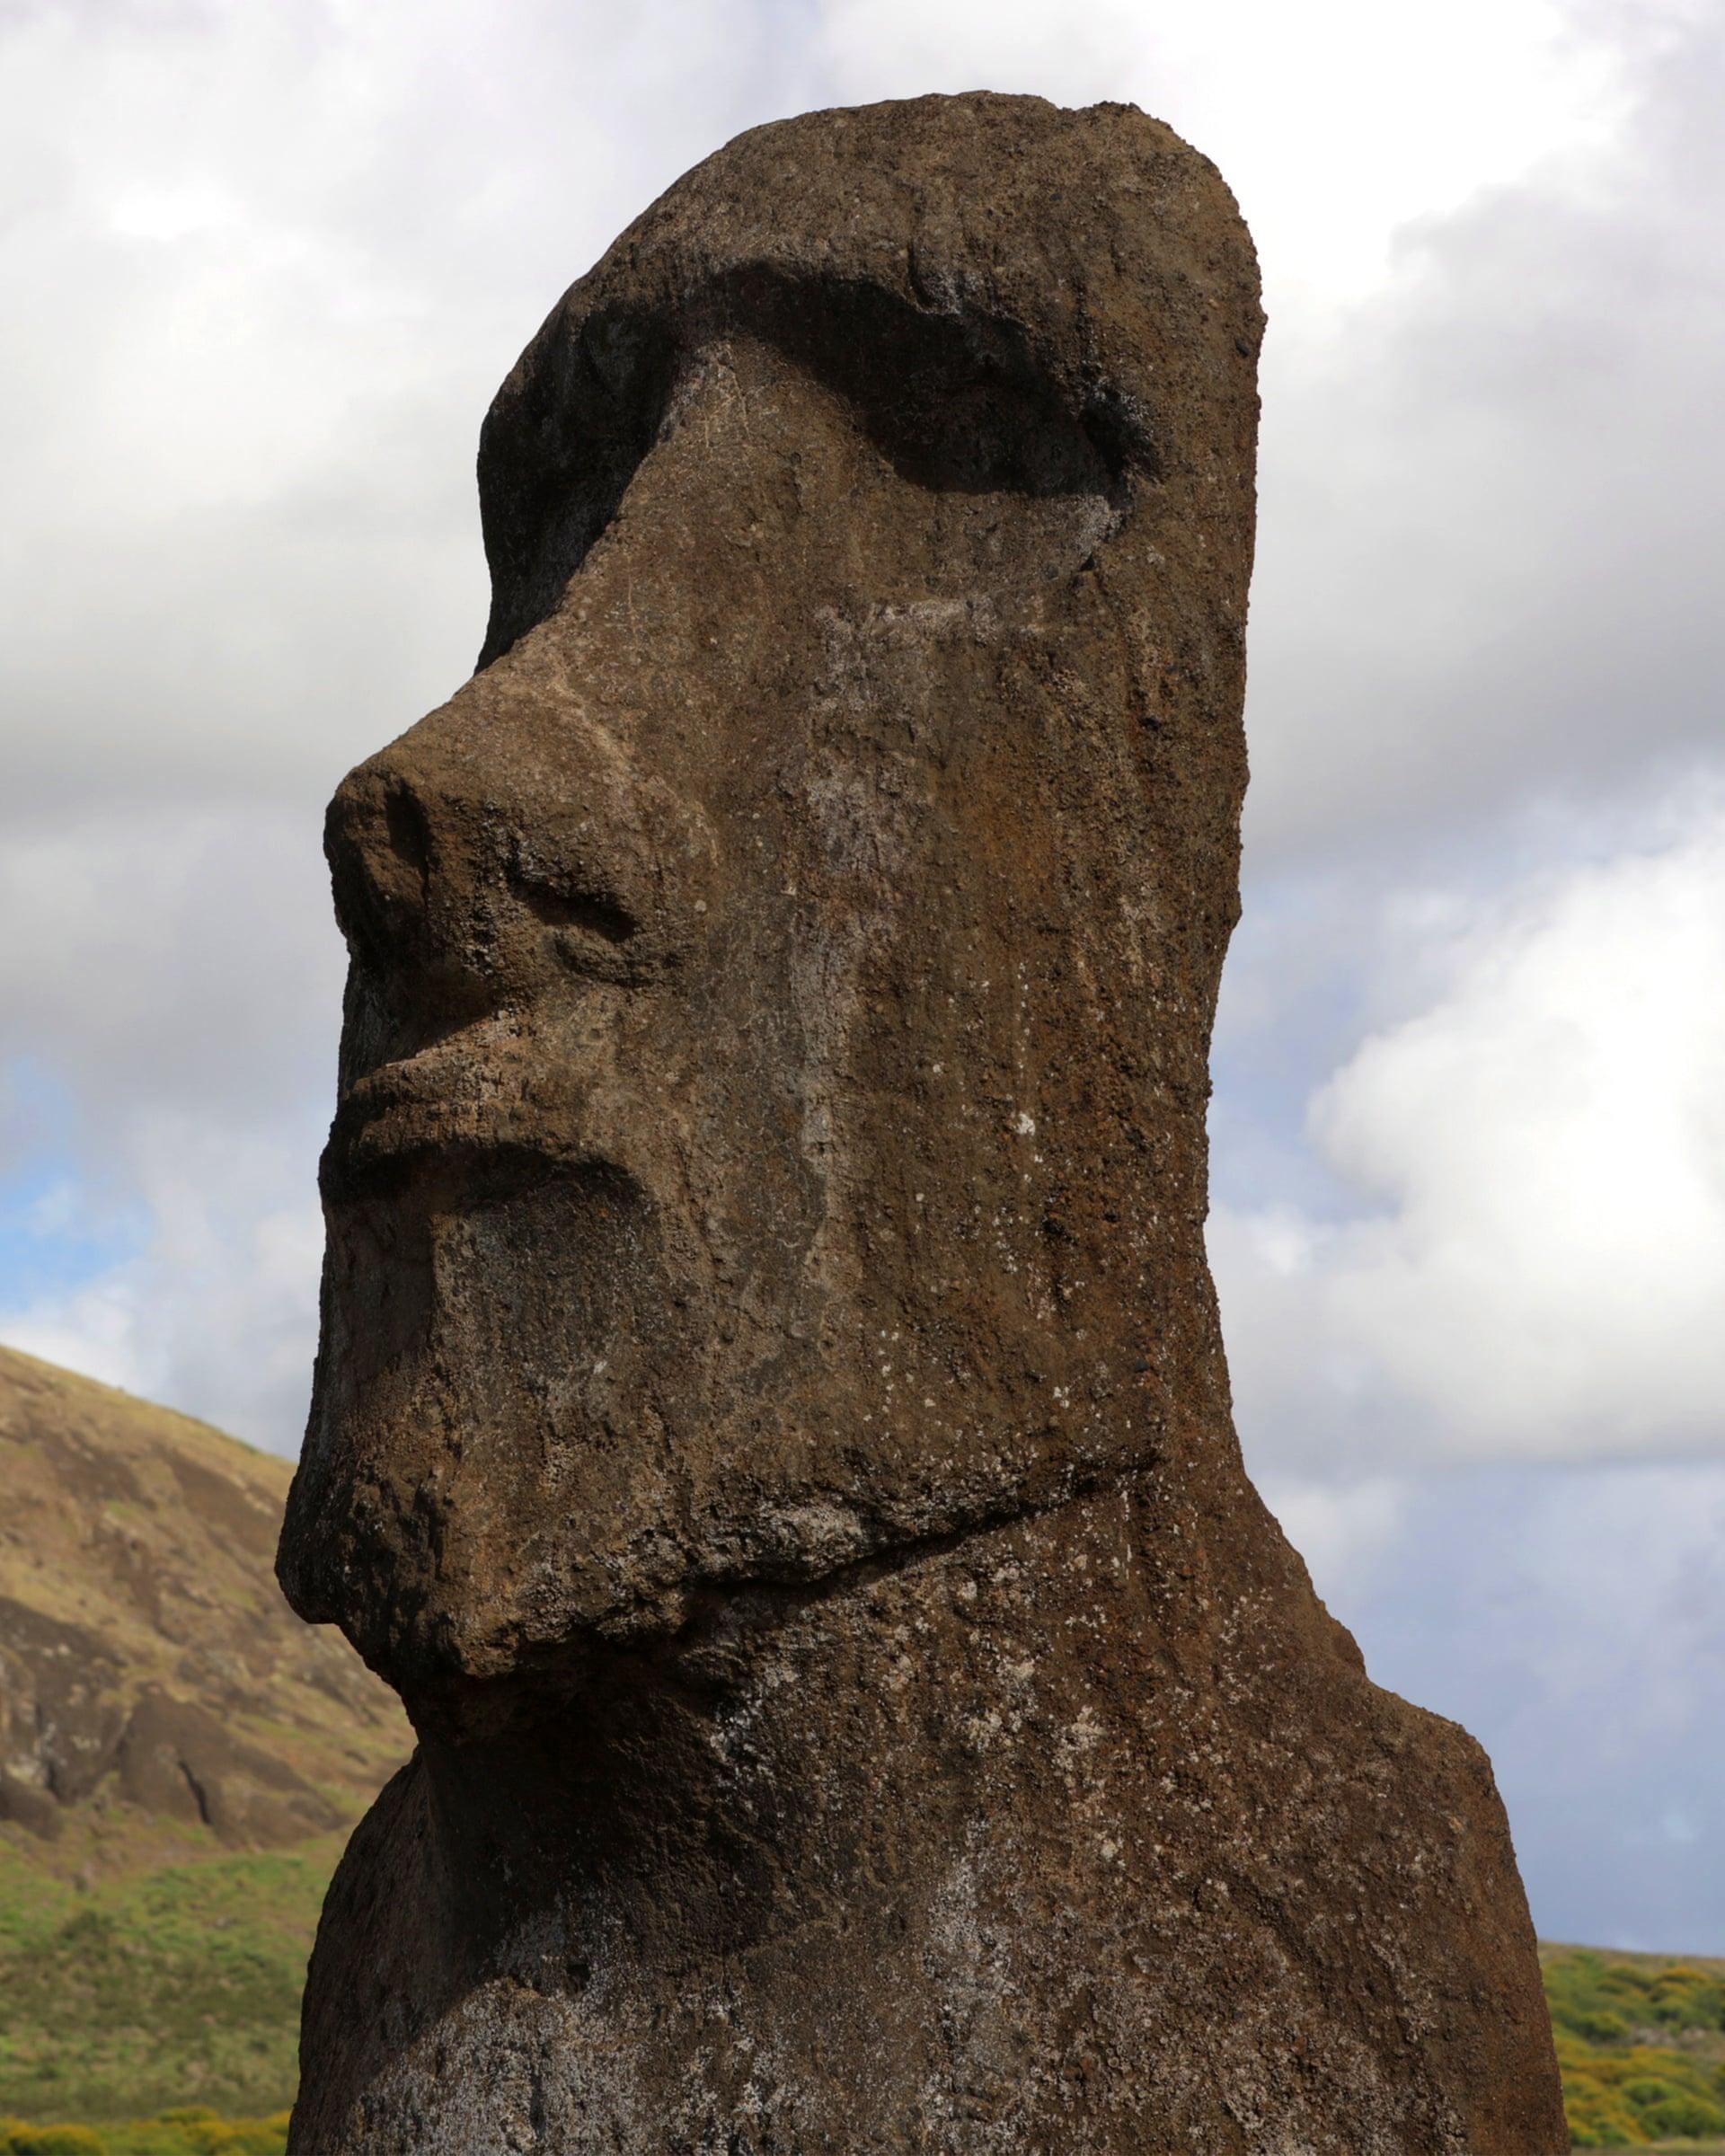 каменное лицо фото все сложится благоприятно